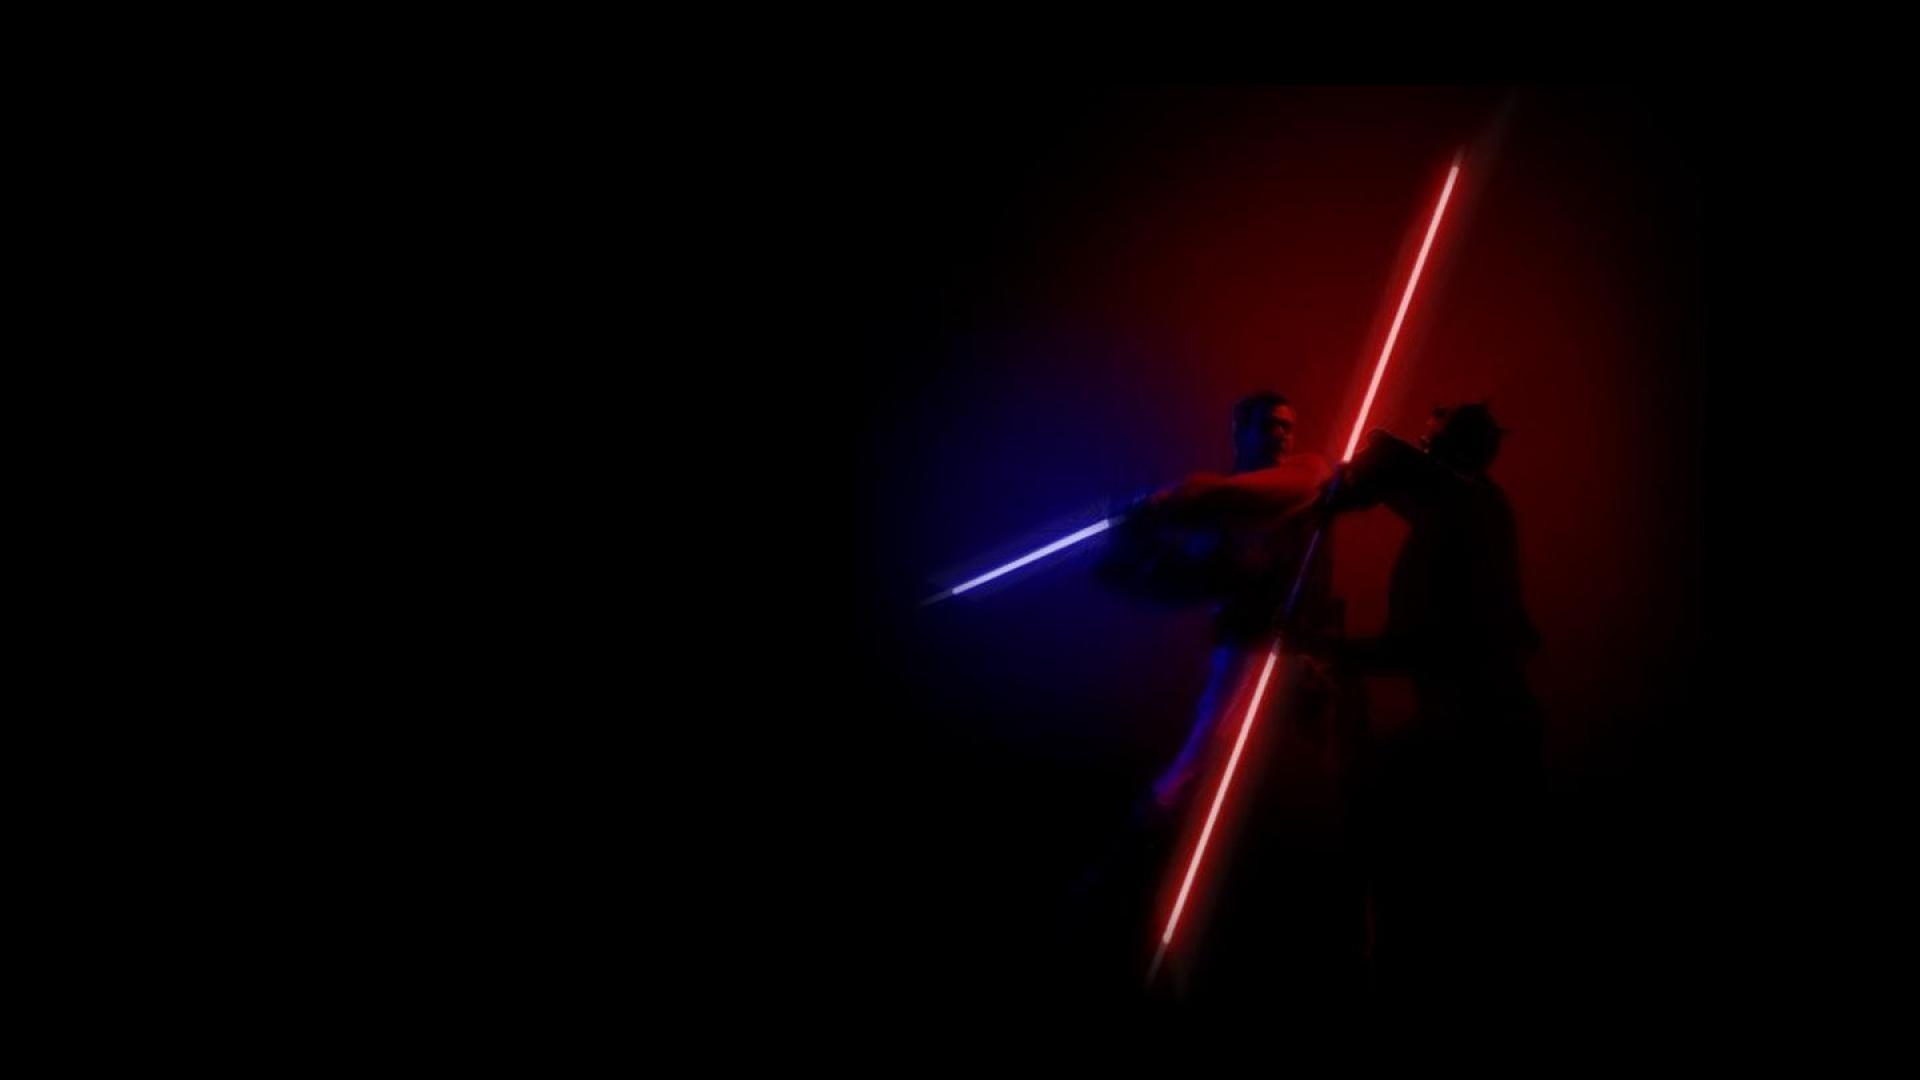 Star Wars Lightsaber Duel Wallpaper 64 Images